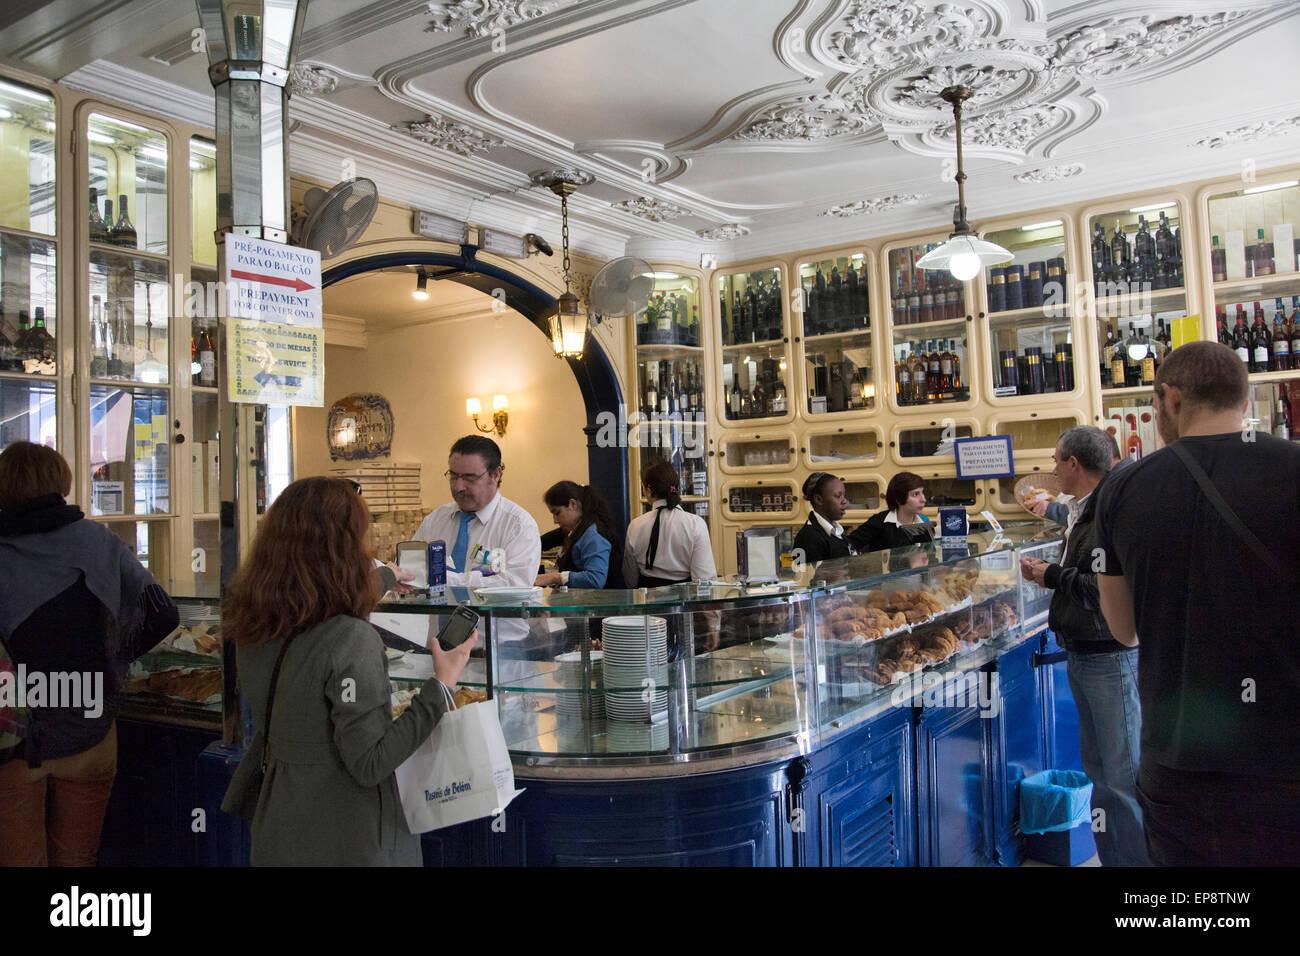 Pasteis De Belem Shop Specializing In Pasteis De Nata